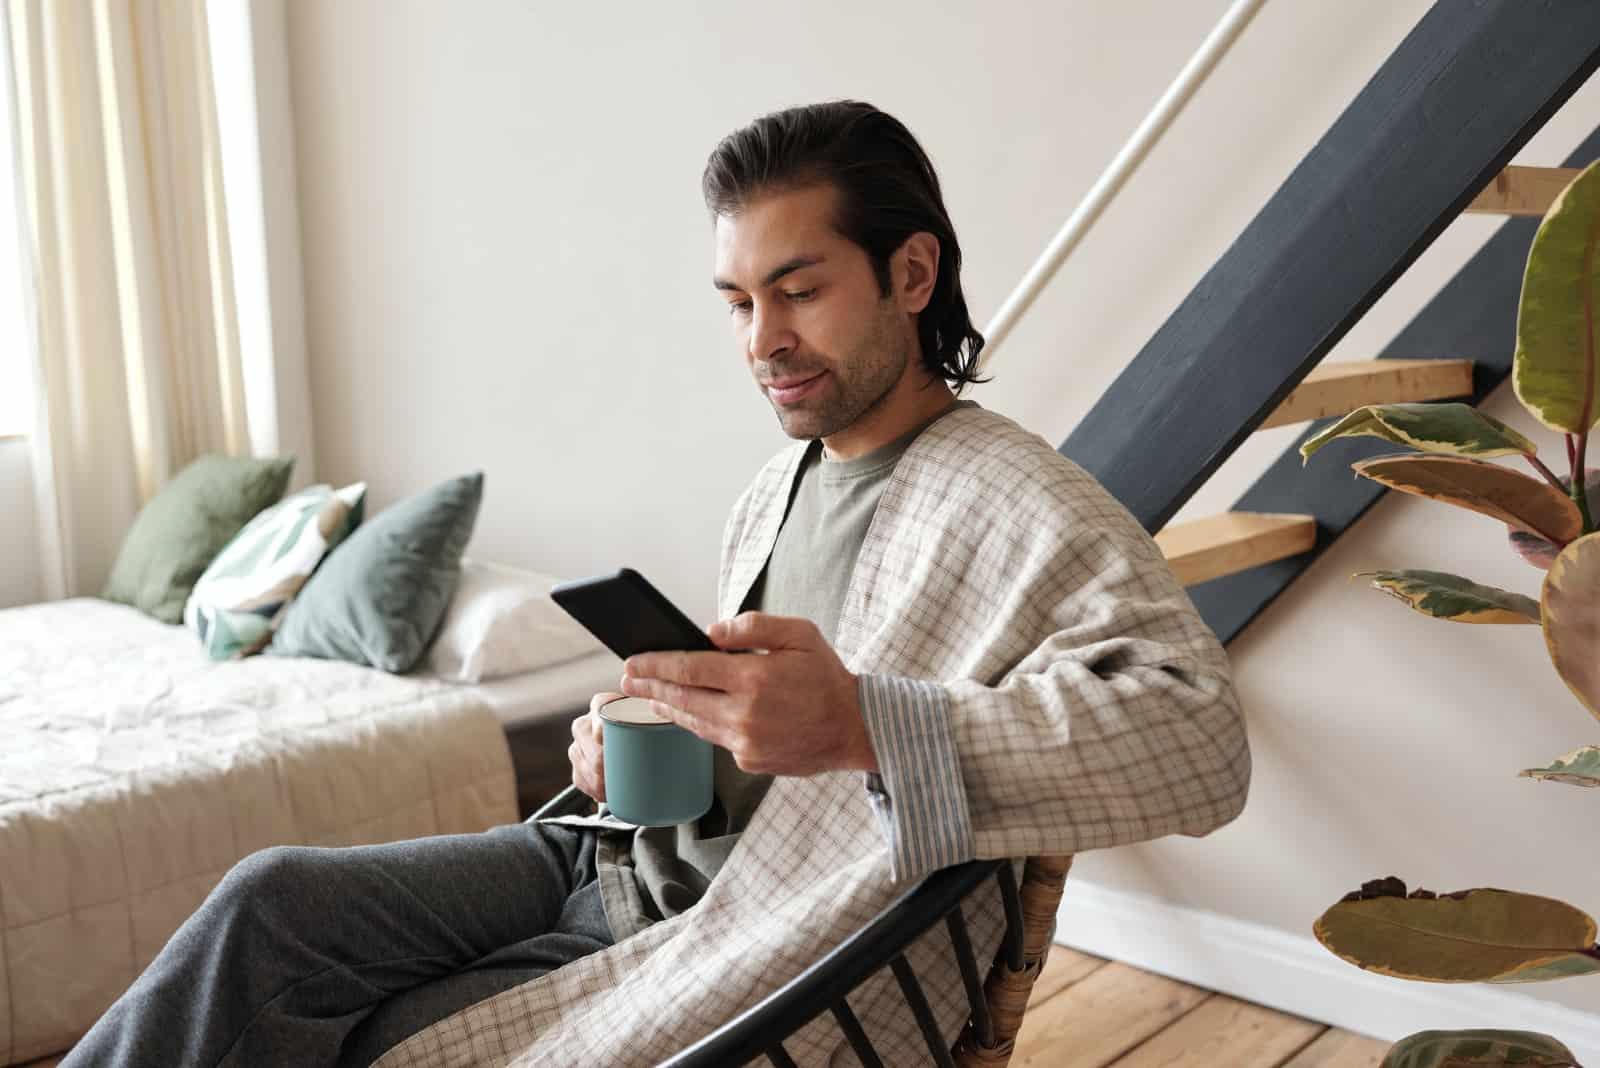 homme utilisant un smartphone tout en tenant une tasse verte